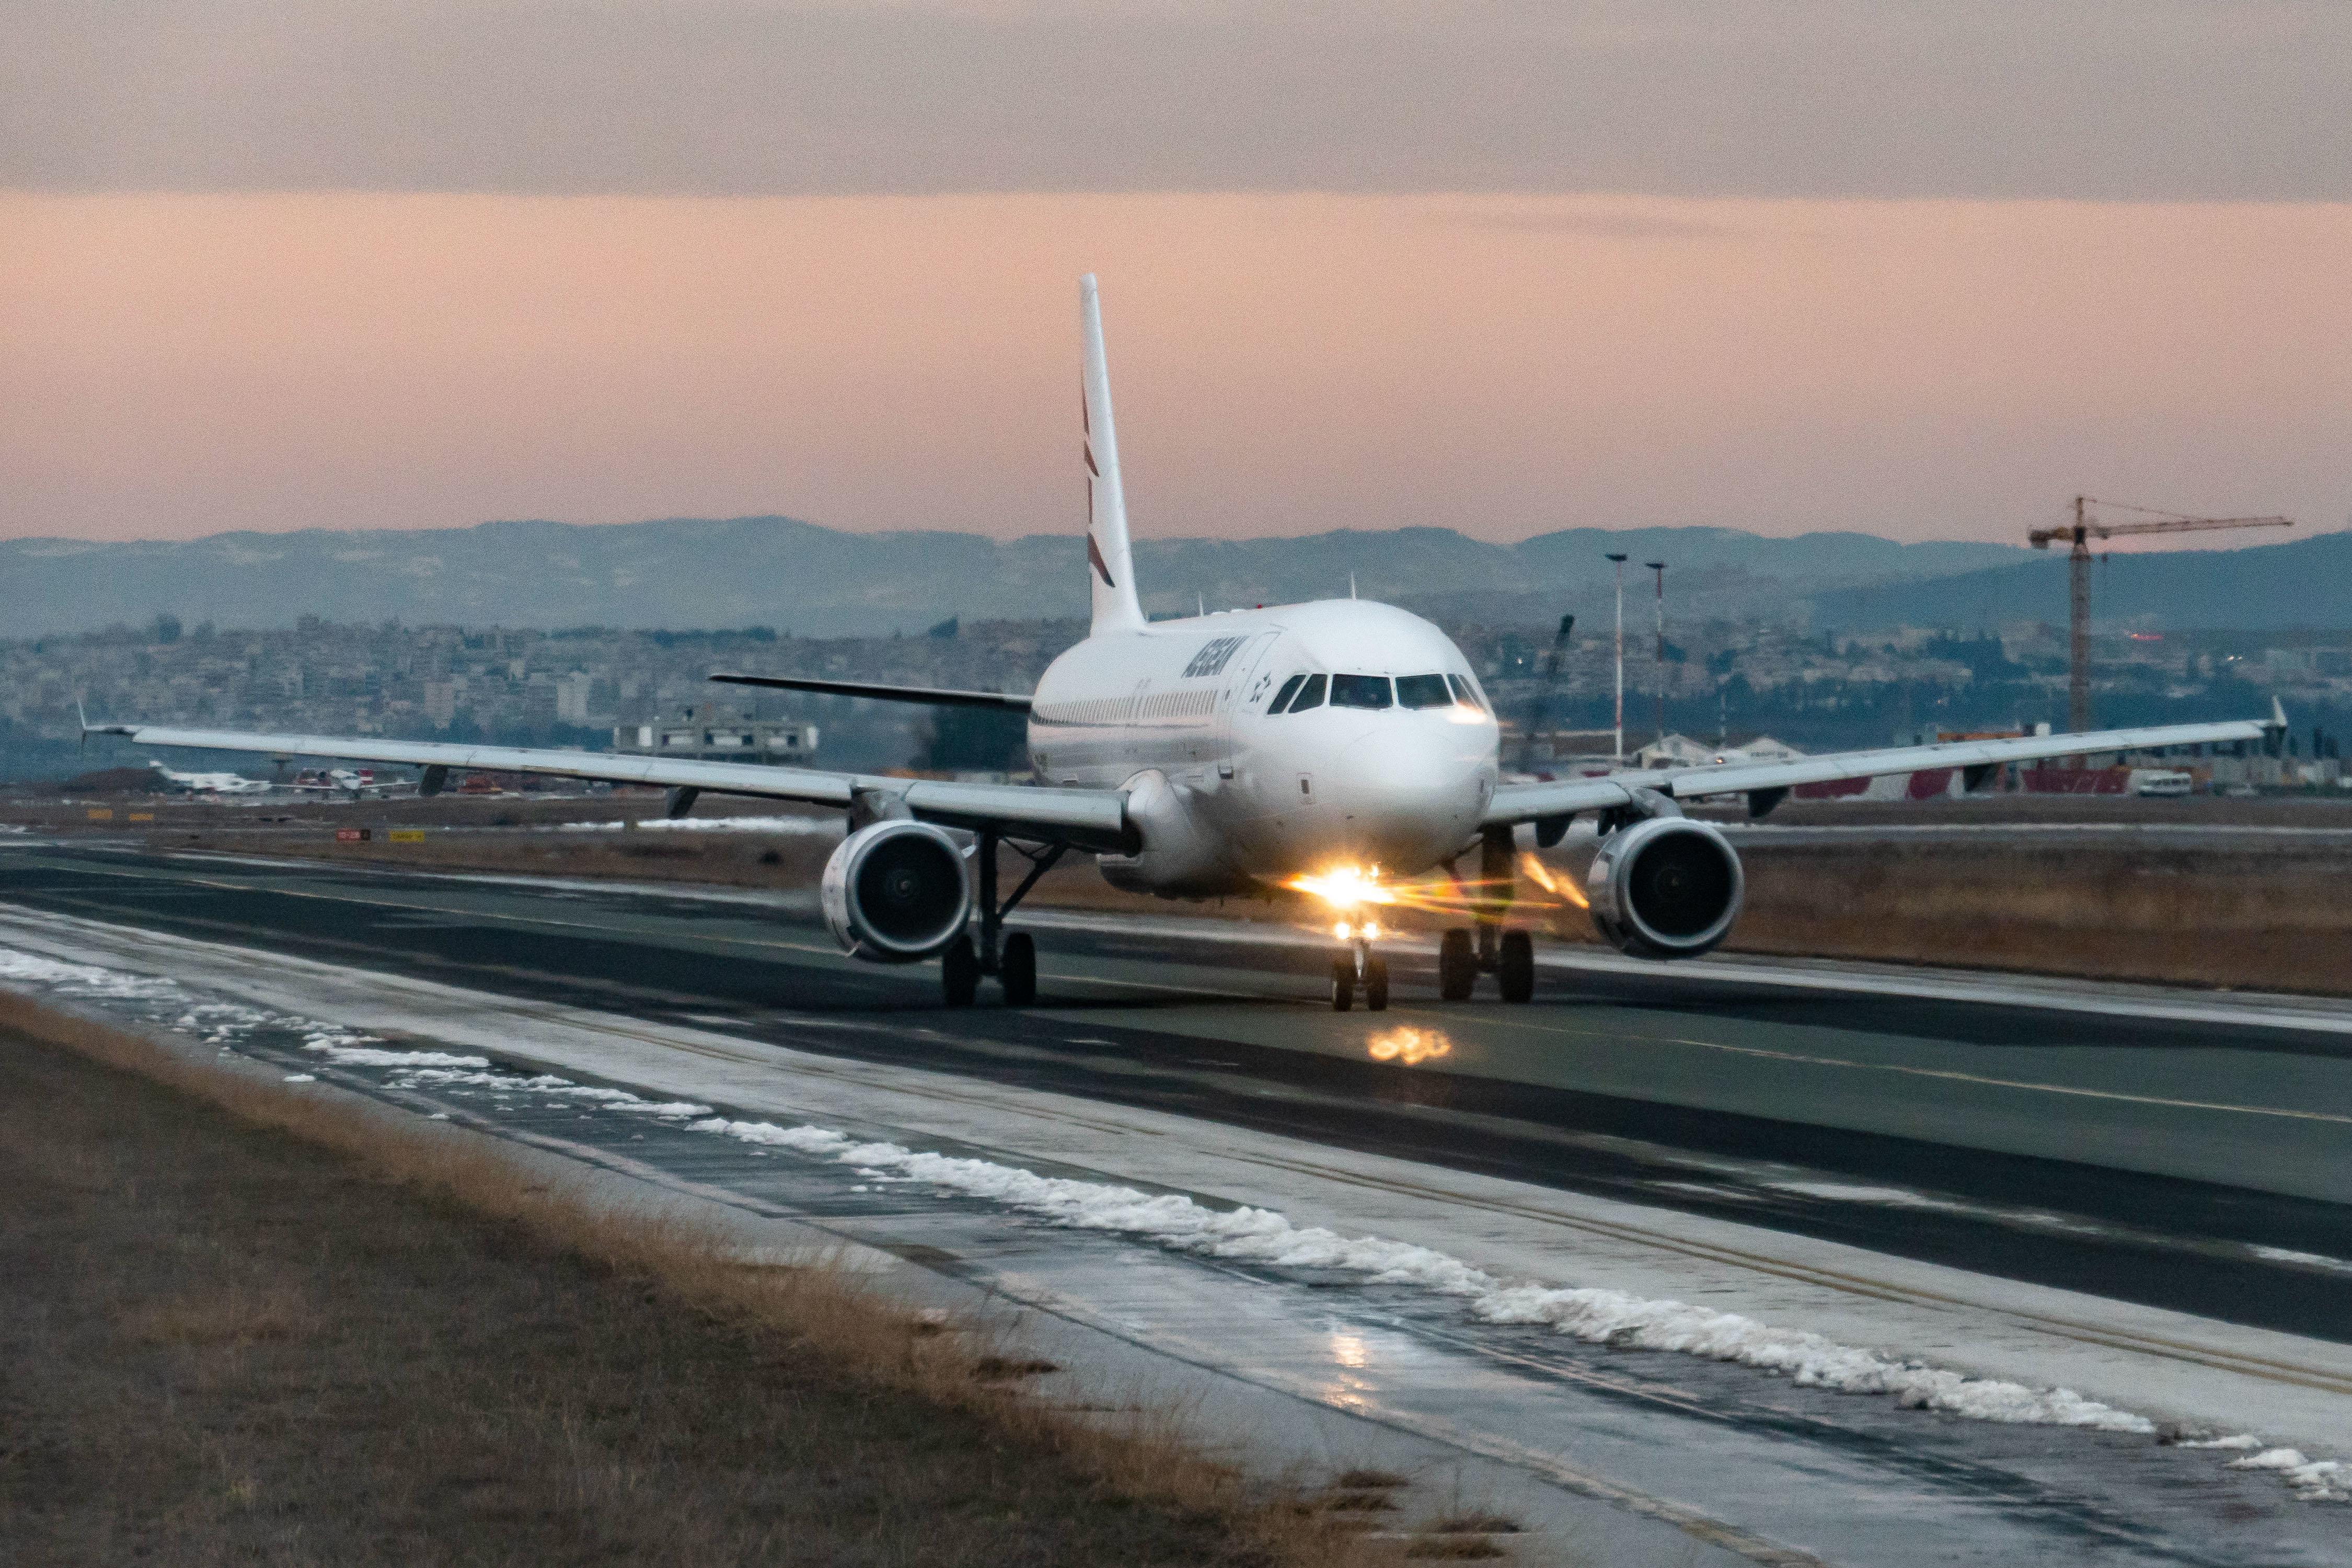 Εντυπωσιακή αύξηση της κίνησης στα περιφερειακά αεροδρόμια που διαχειρίζεται η